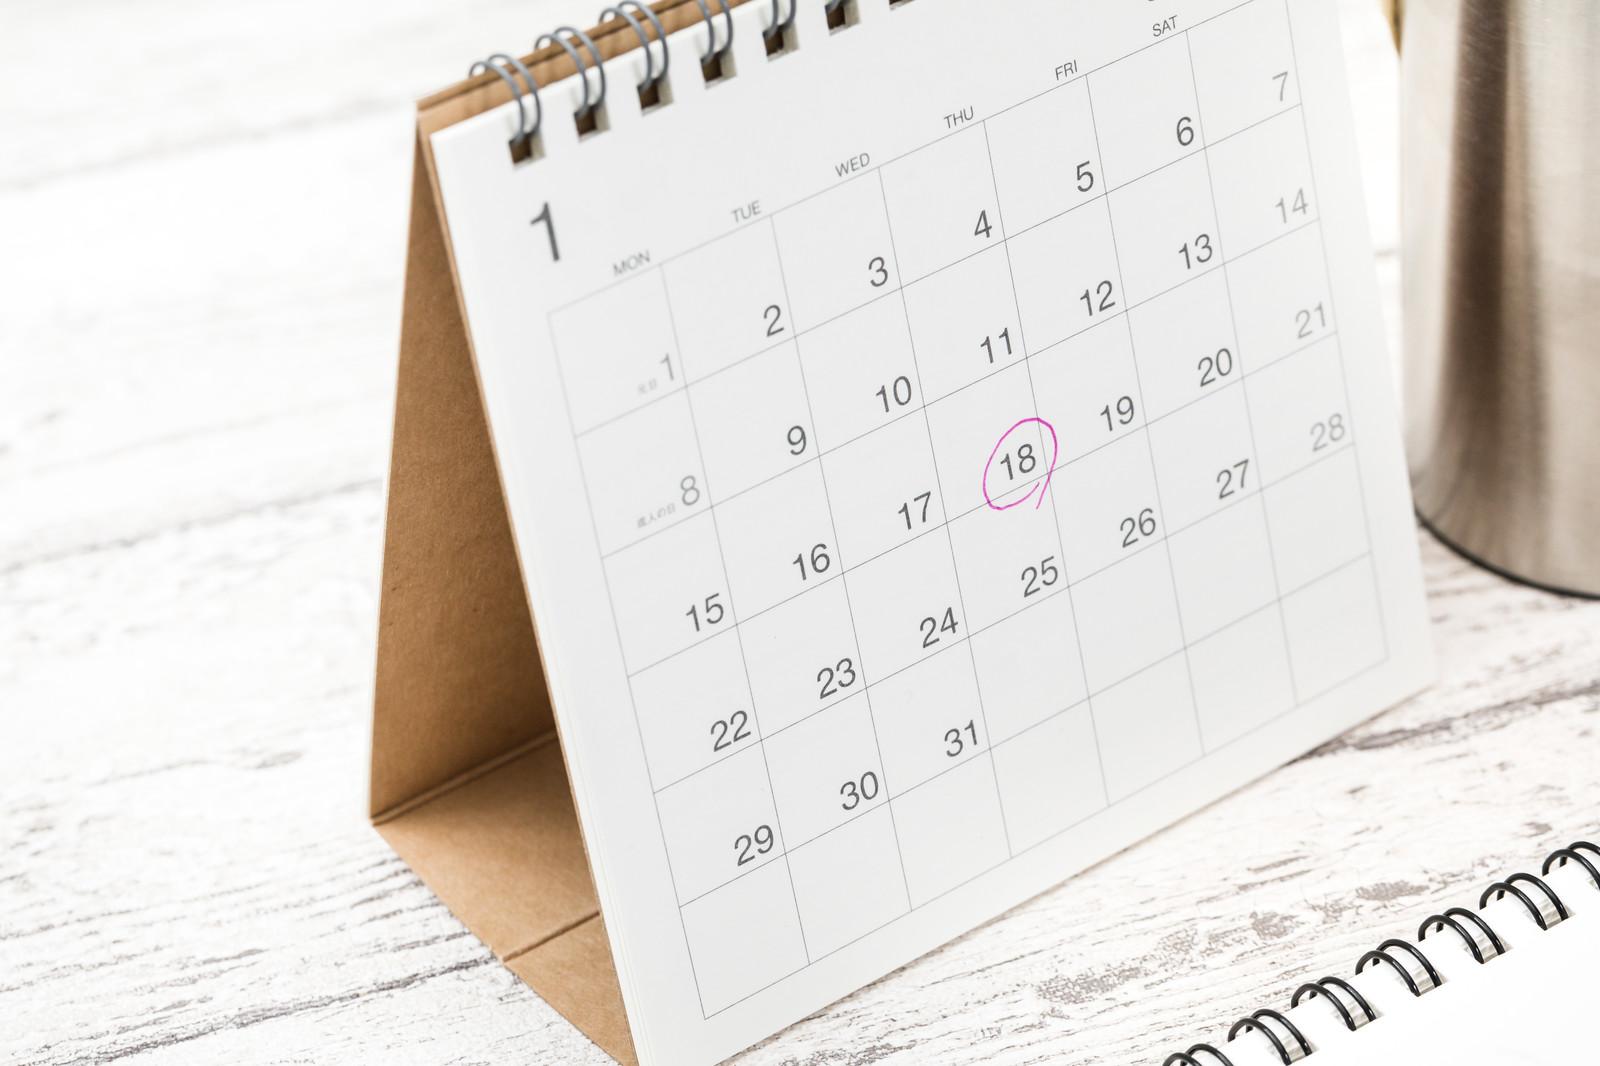 カレンダー・記念日・予定・時間・日程